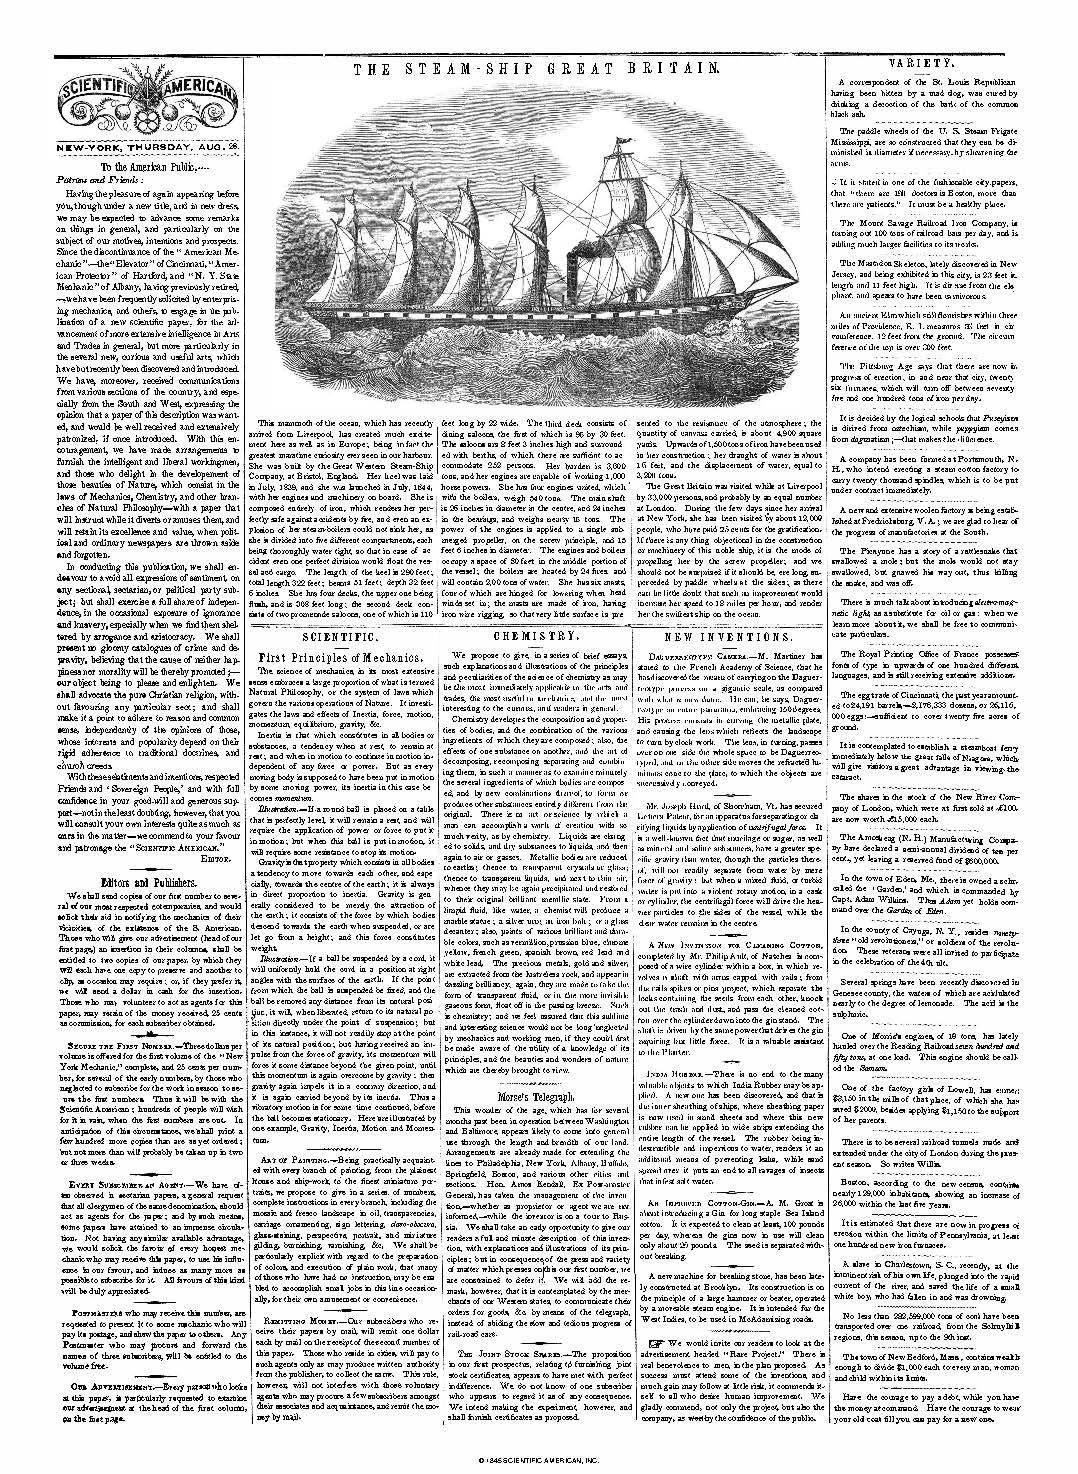 Facsimile of page 2